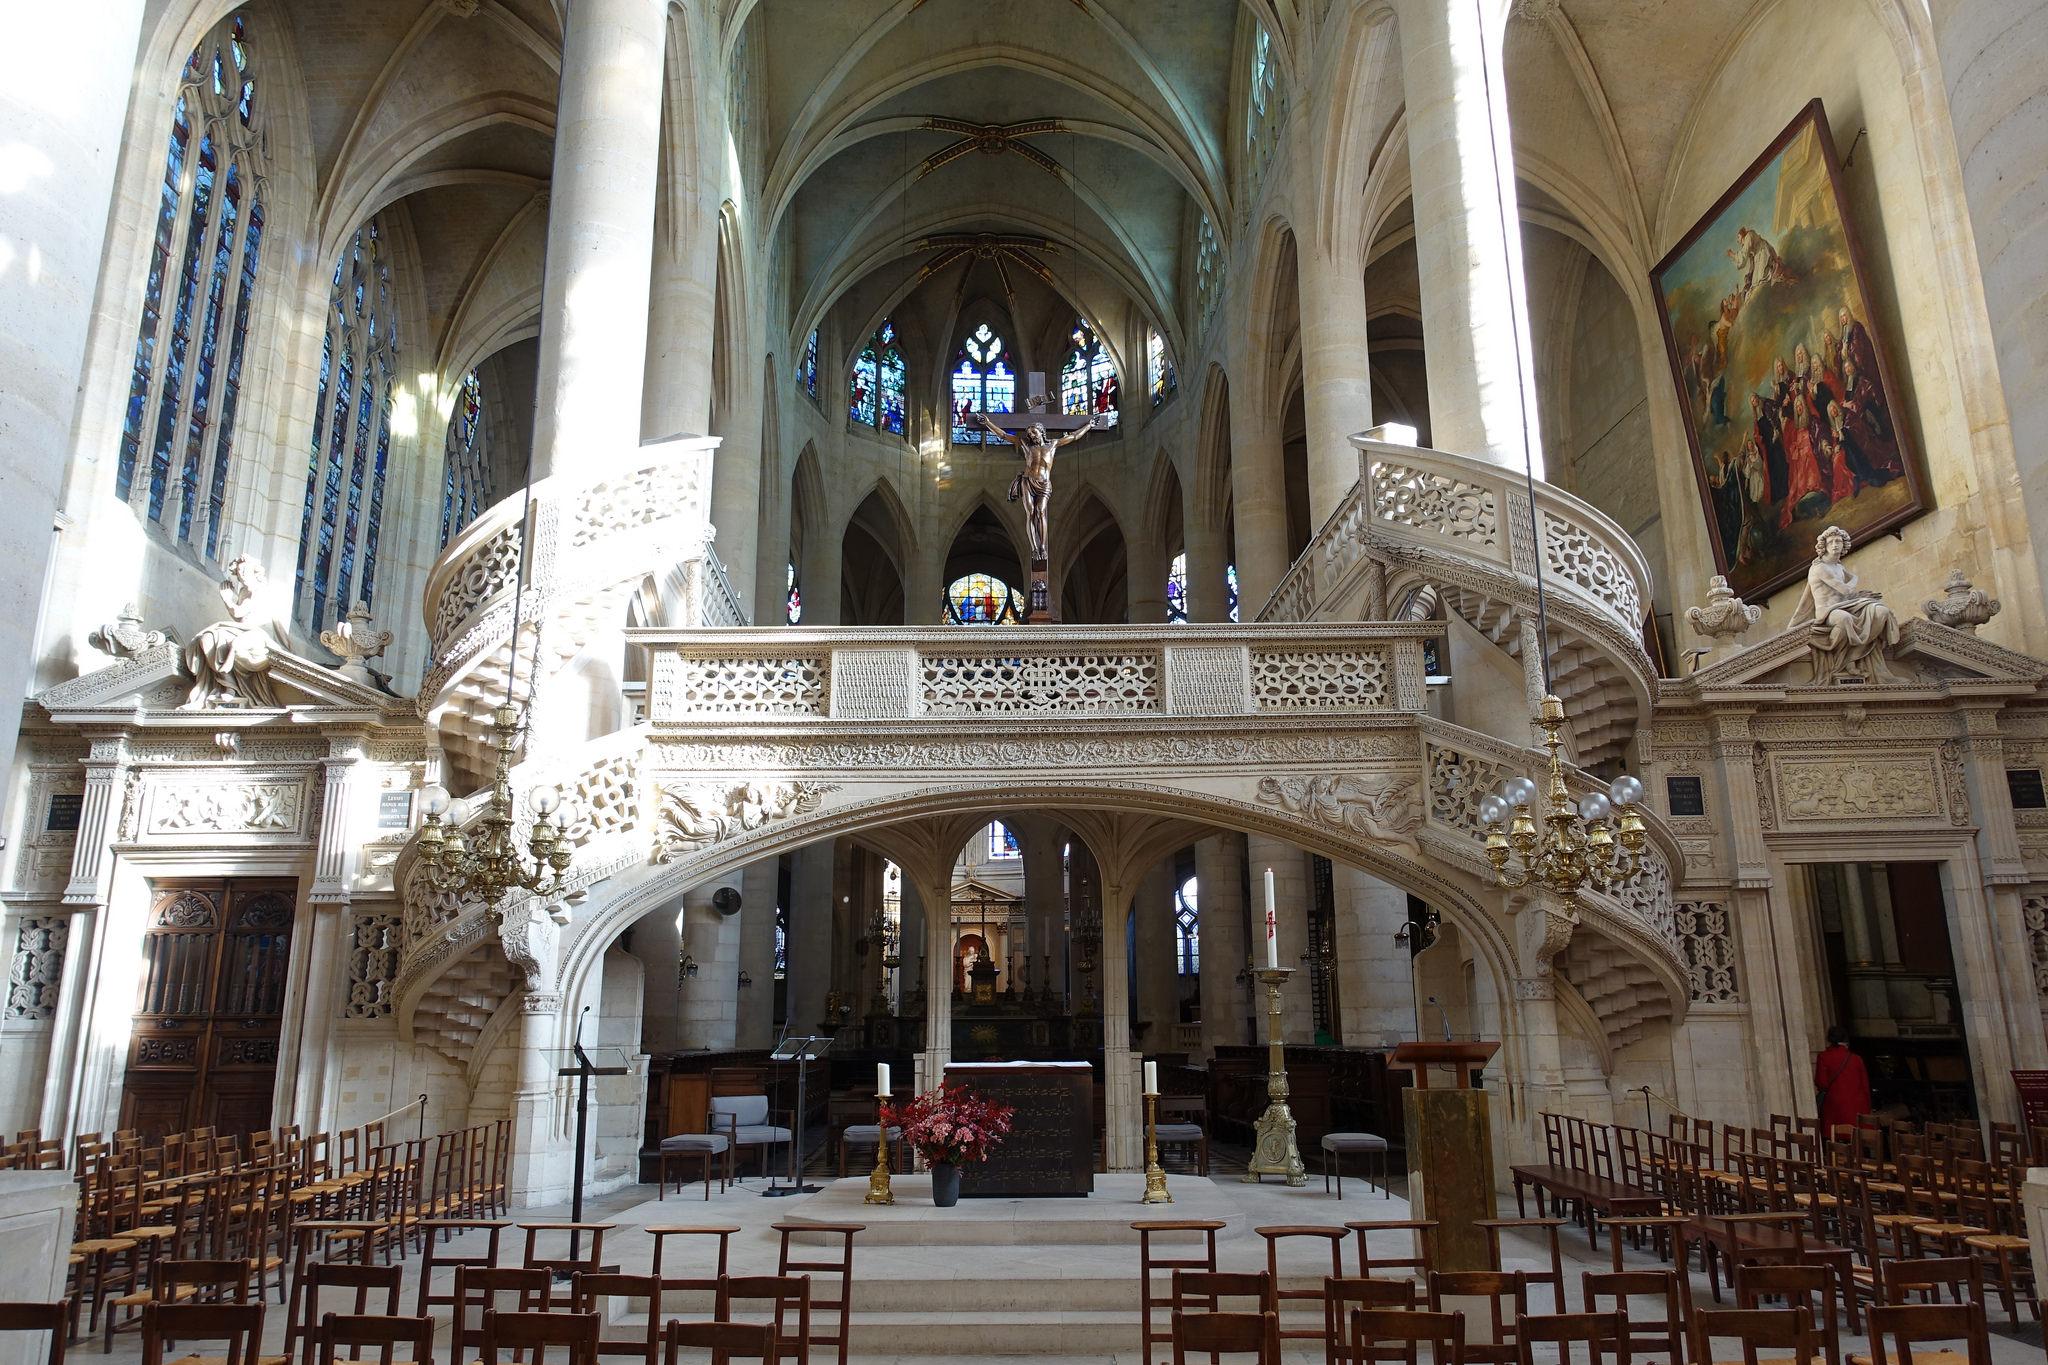 église saint-etienne-du-mont de paris<